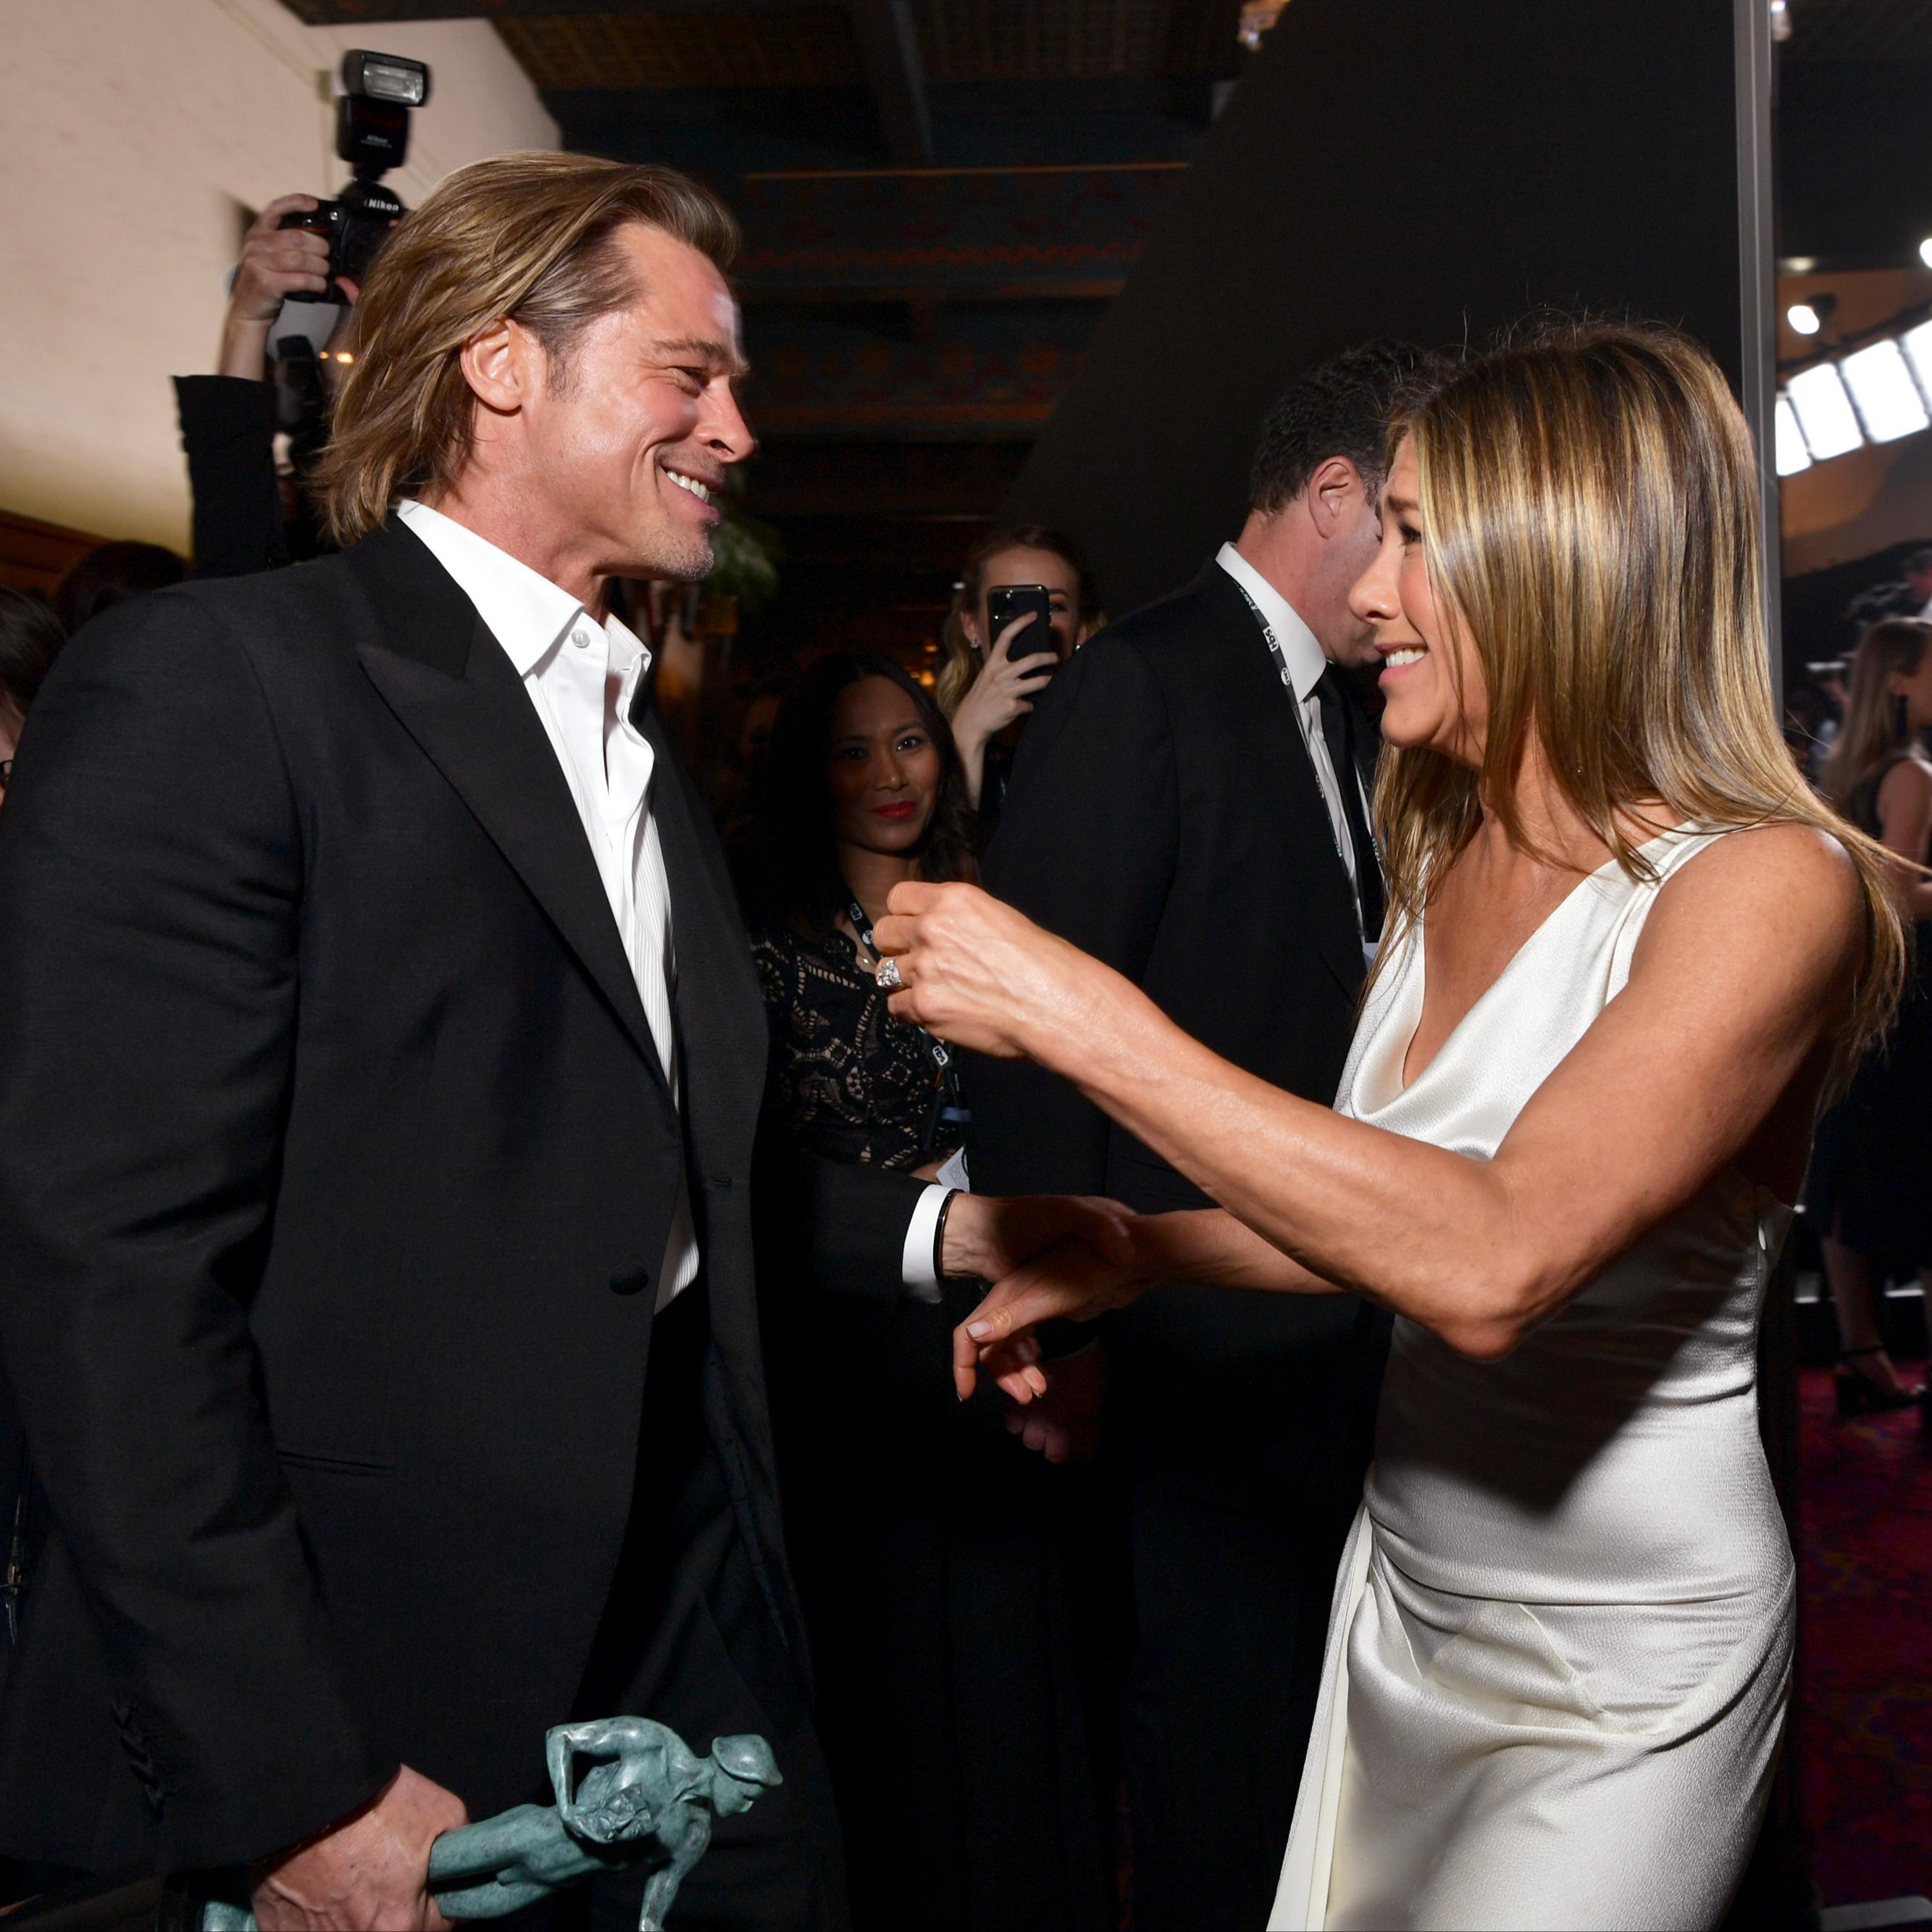 @fashionhr Zašto smo toliko opsjednuti ljubavnom pričom Brada Pitta i Jennifer Aniston? Link Thumbnail | Linktree